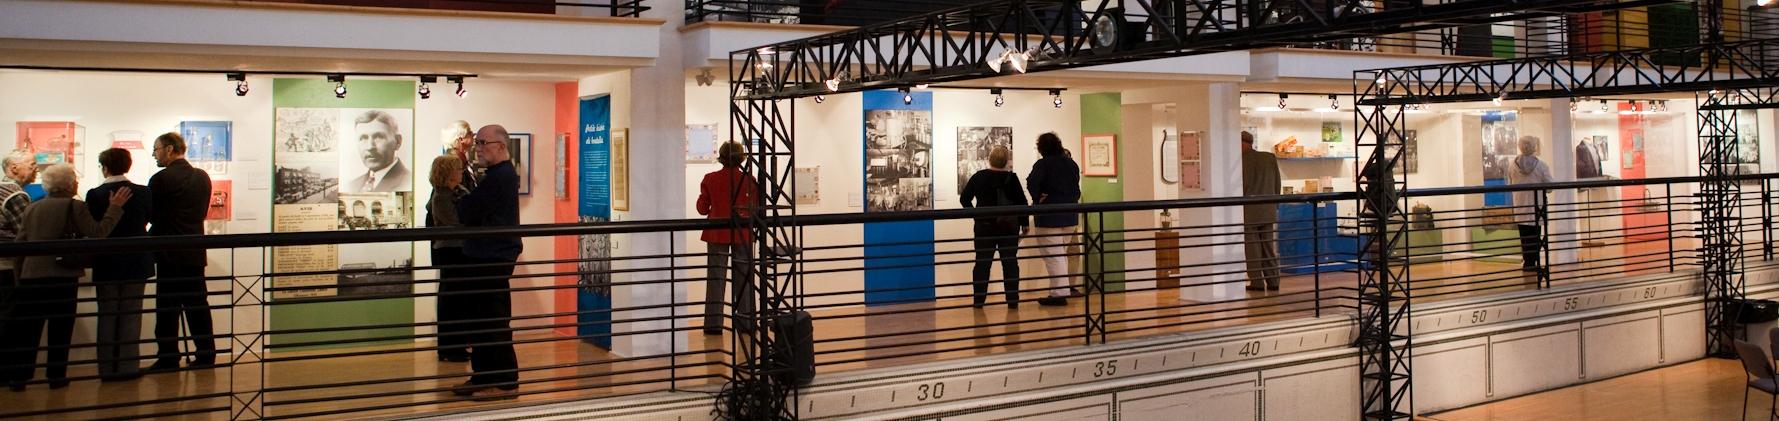 Run de lait exhibition, 2010. Photo: Julie Landreville, Écomusée du fier monde